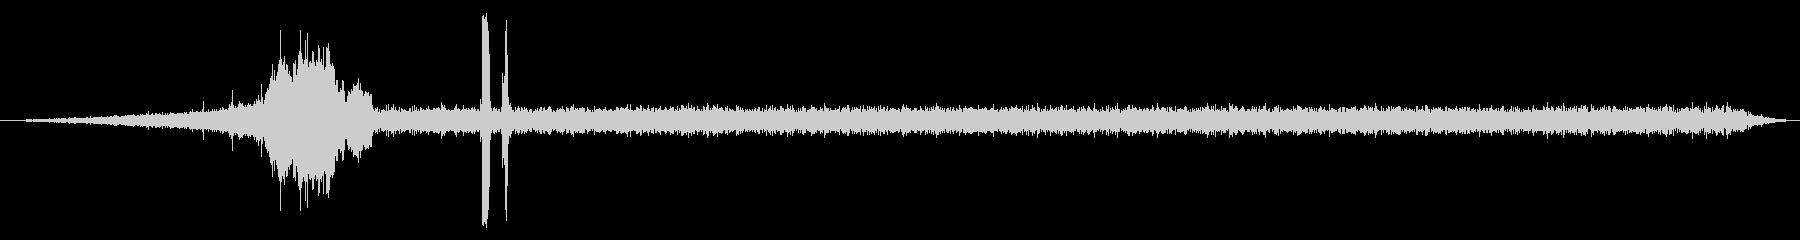 スクールバス:Ext:リバースアッ...の未再生の波形